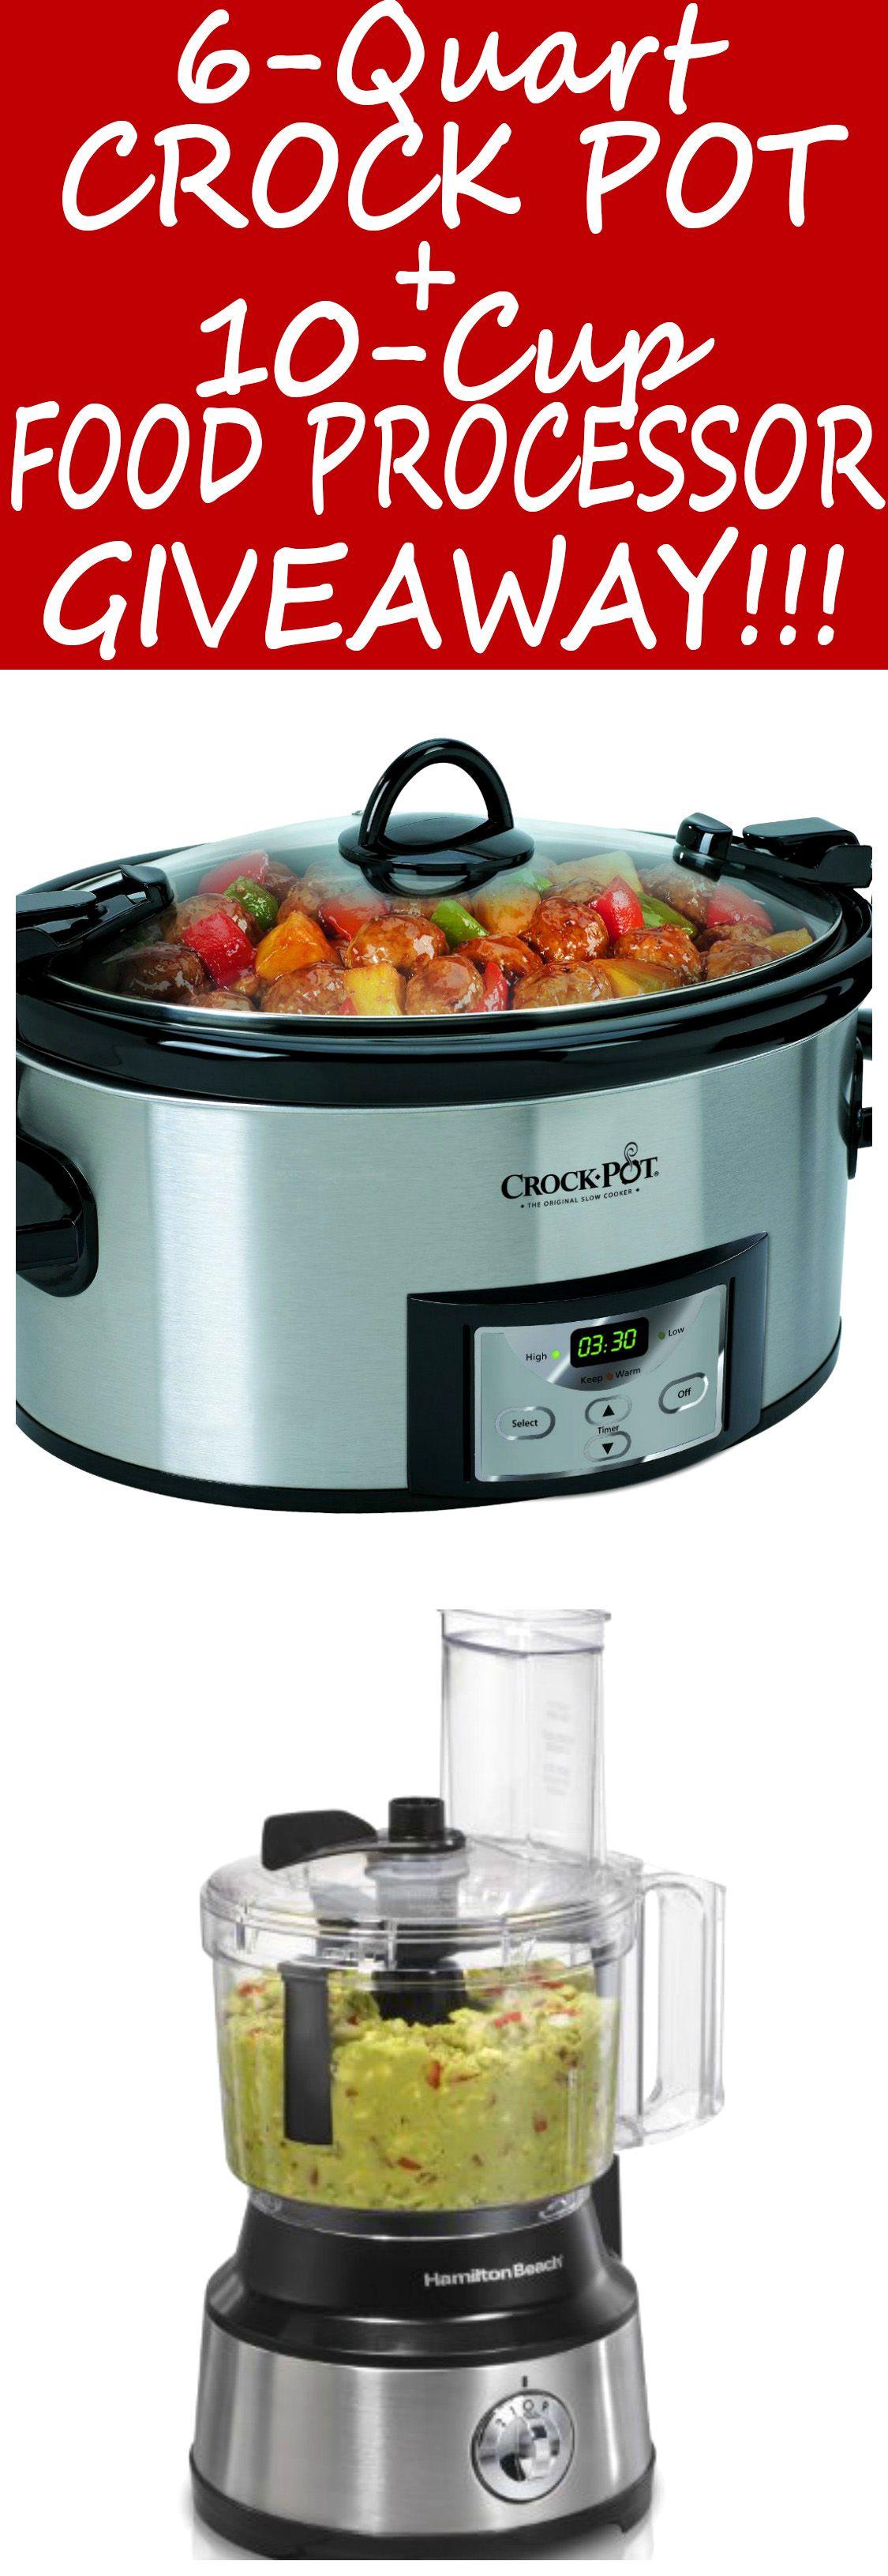 6quart crock pot and 10cup food processor giveaway www